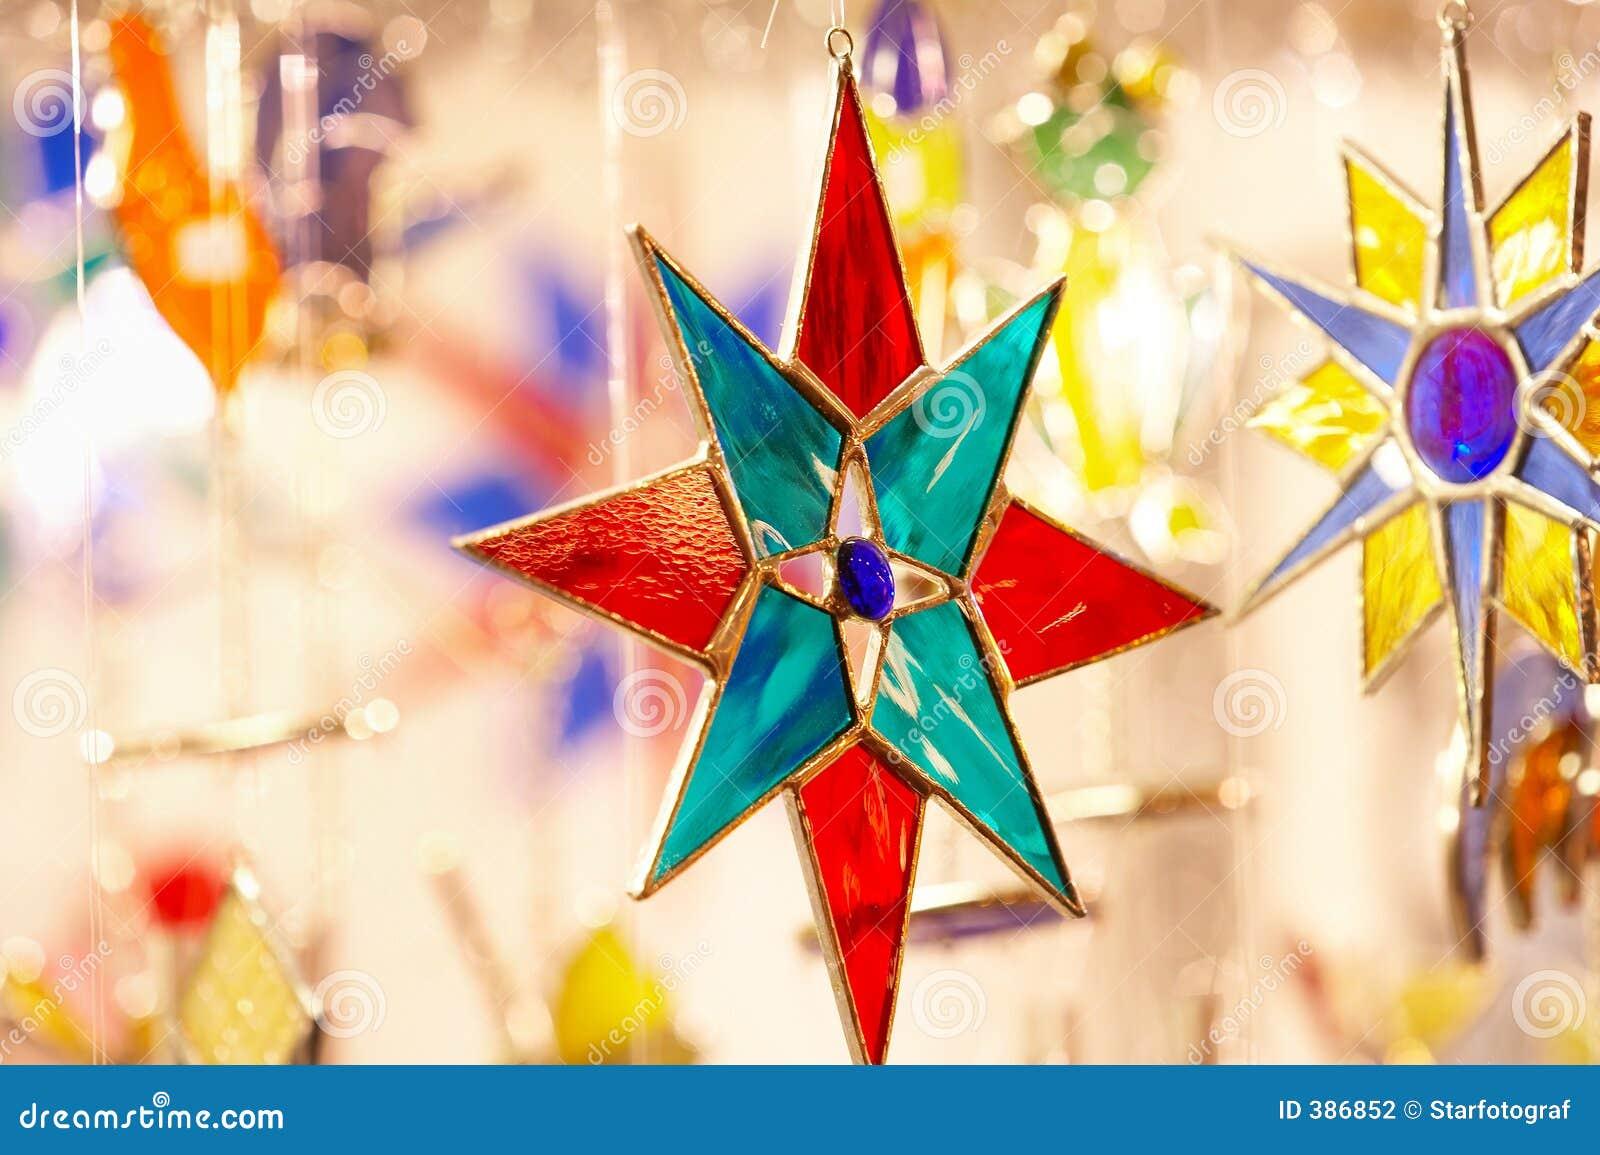 Étoile de Noël - Weihnachtsstern